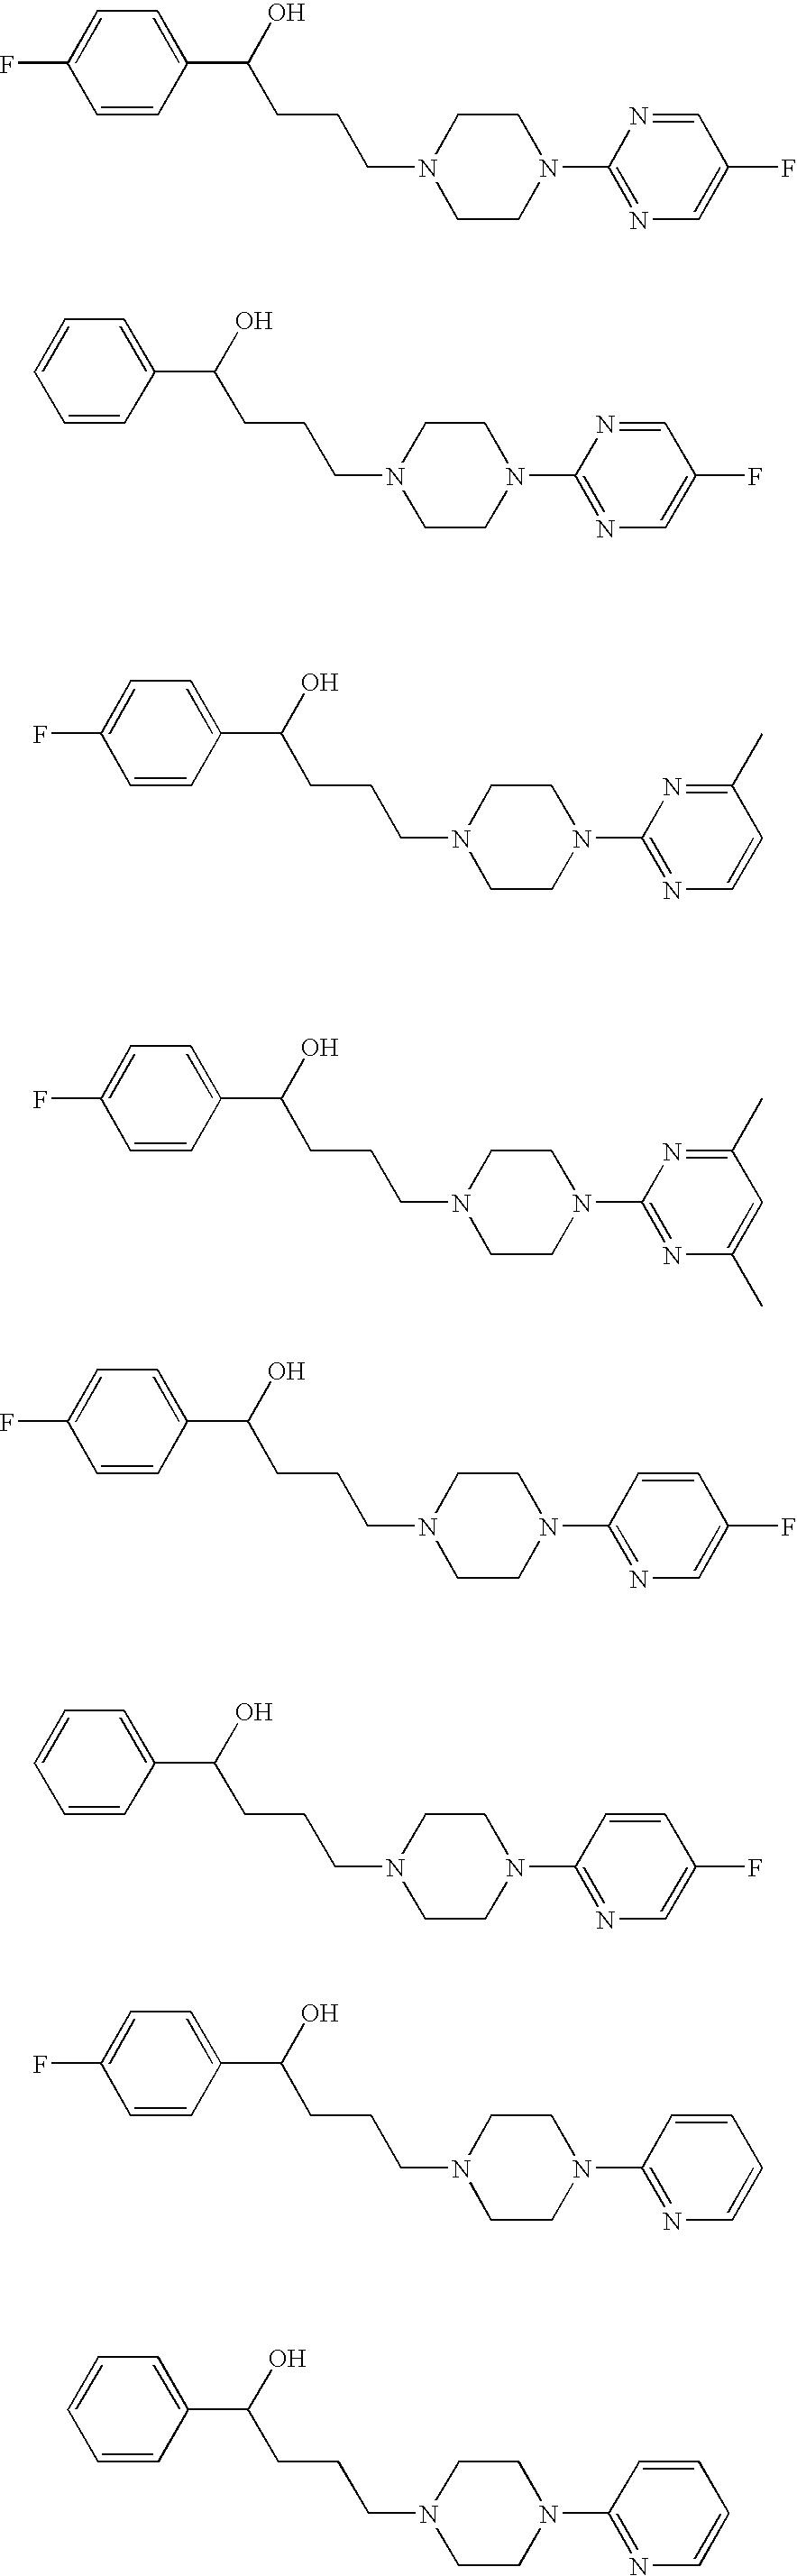 Figure US20100009983A1-20100114-C00041